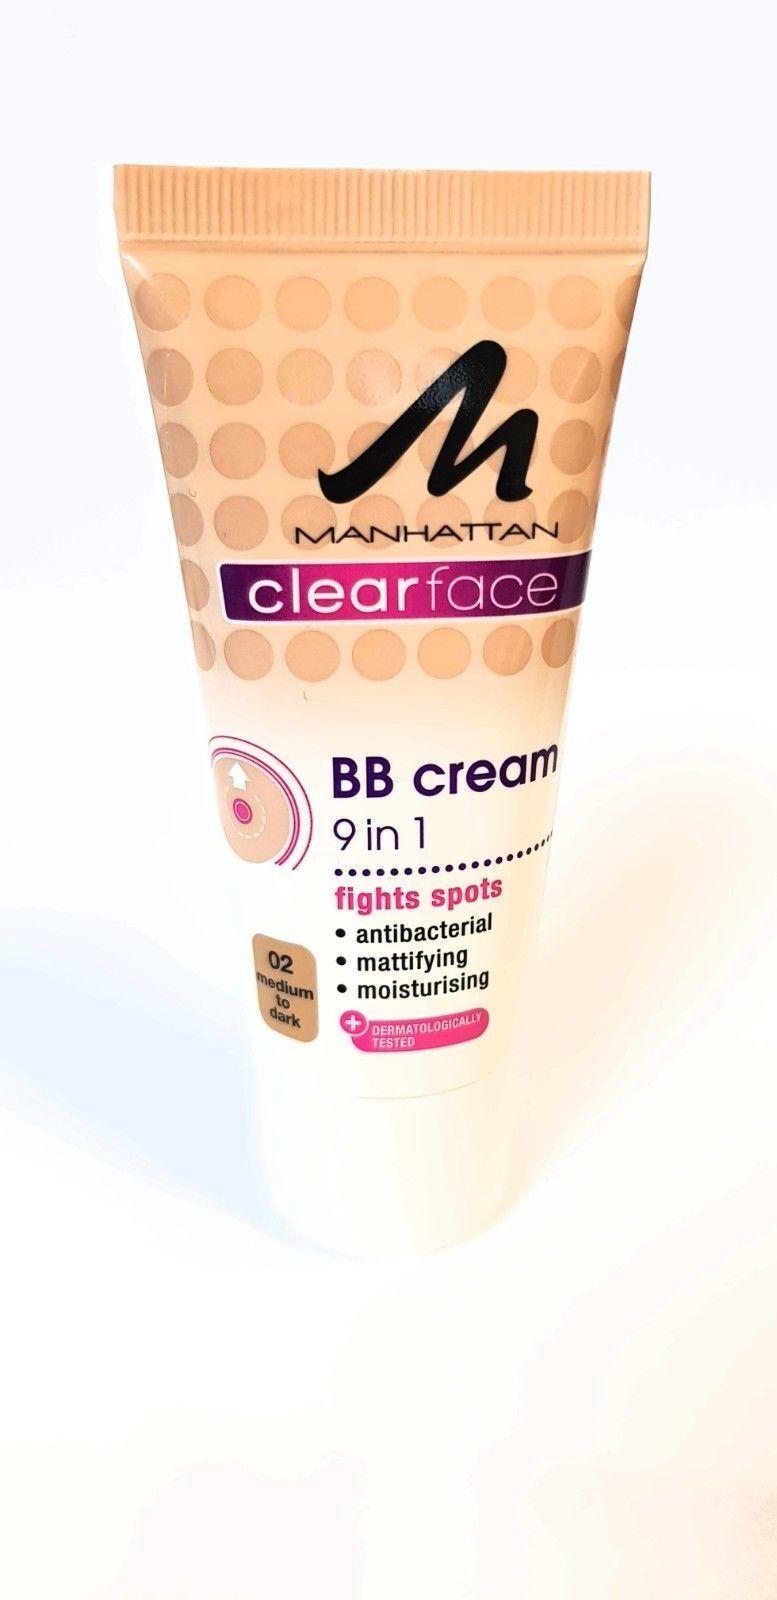 Manhattan Clear Face BB Cream 9in1  gegen Pickel Foundation 02 Medium to Dark